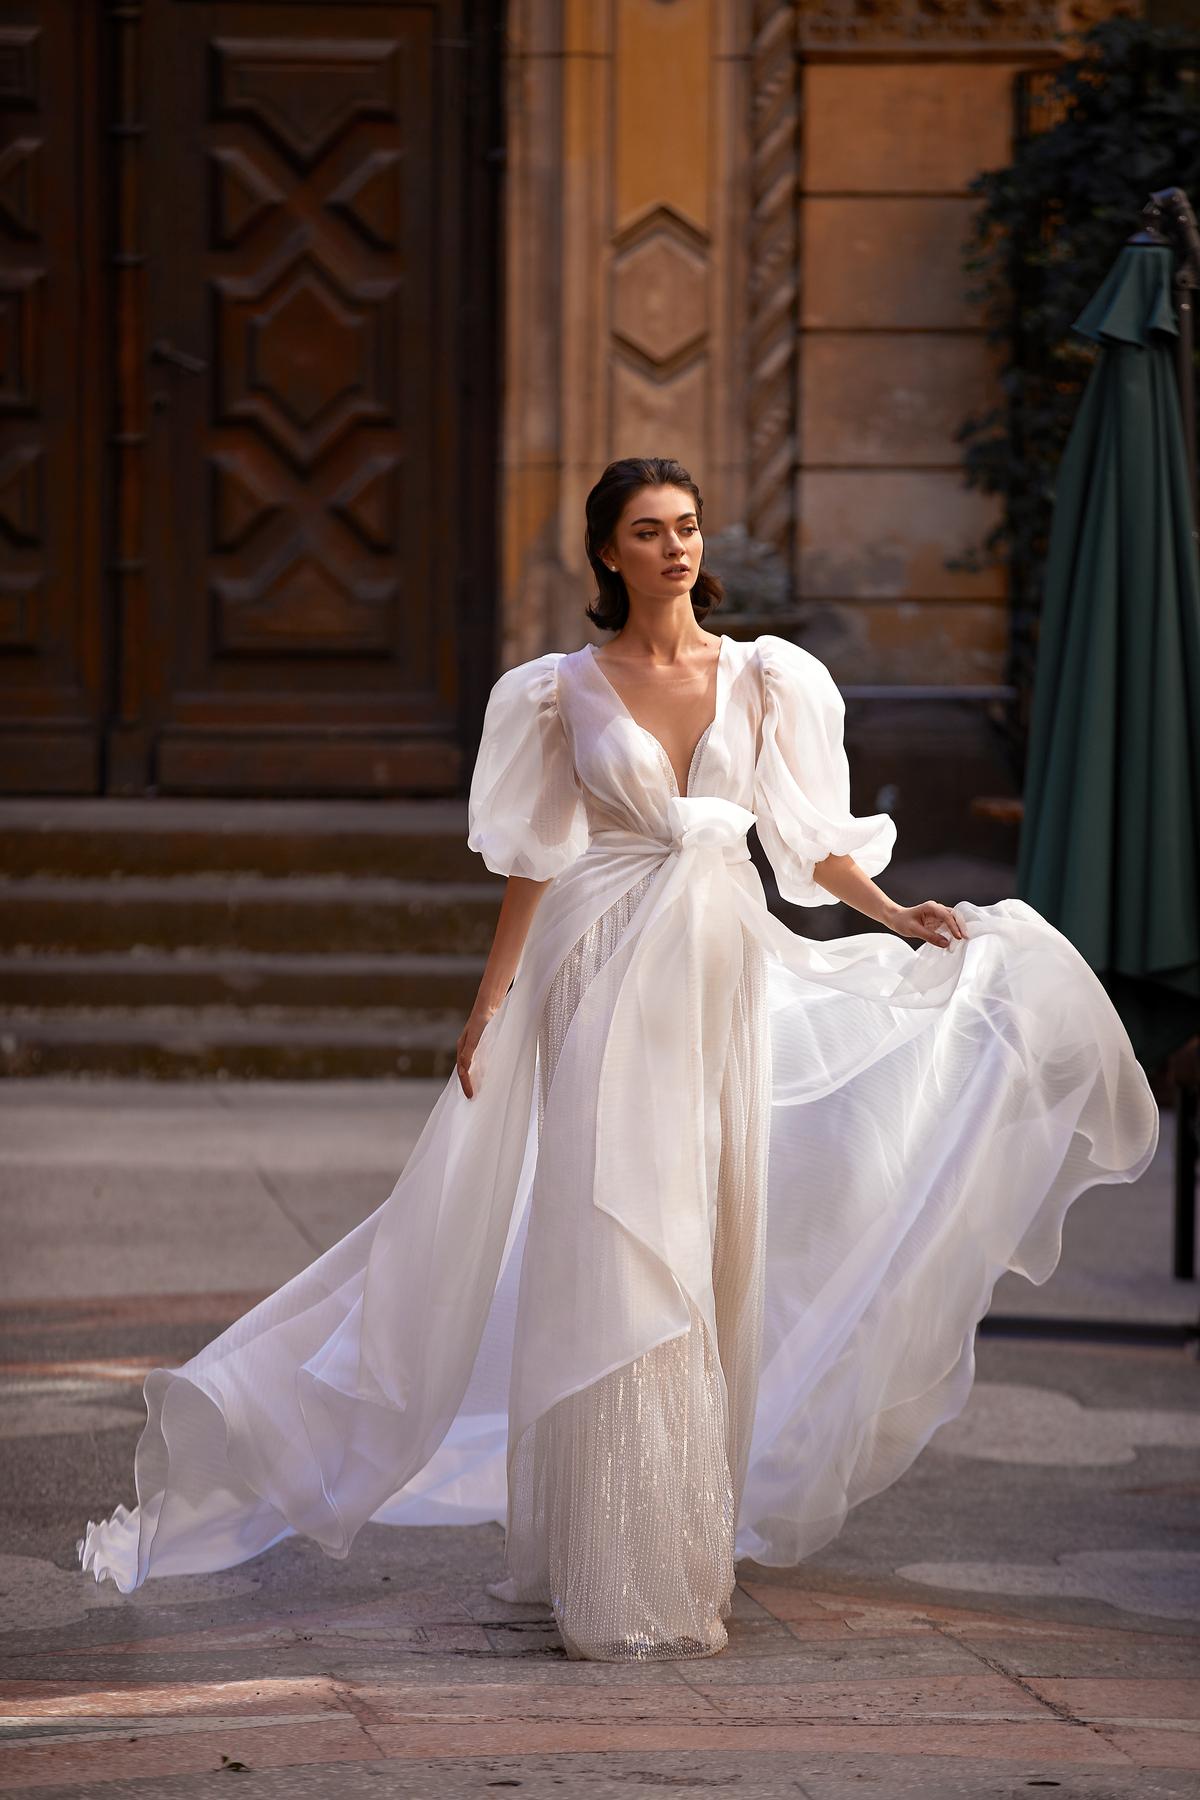 Les plus belles robes de mariée Genève original chic classe sophistiqué bolero veste volant long sequins paillettes bustier glitter ivoire écru nouvelle collection exclusivité